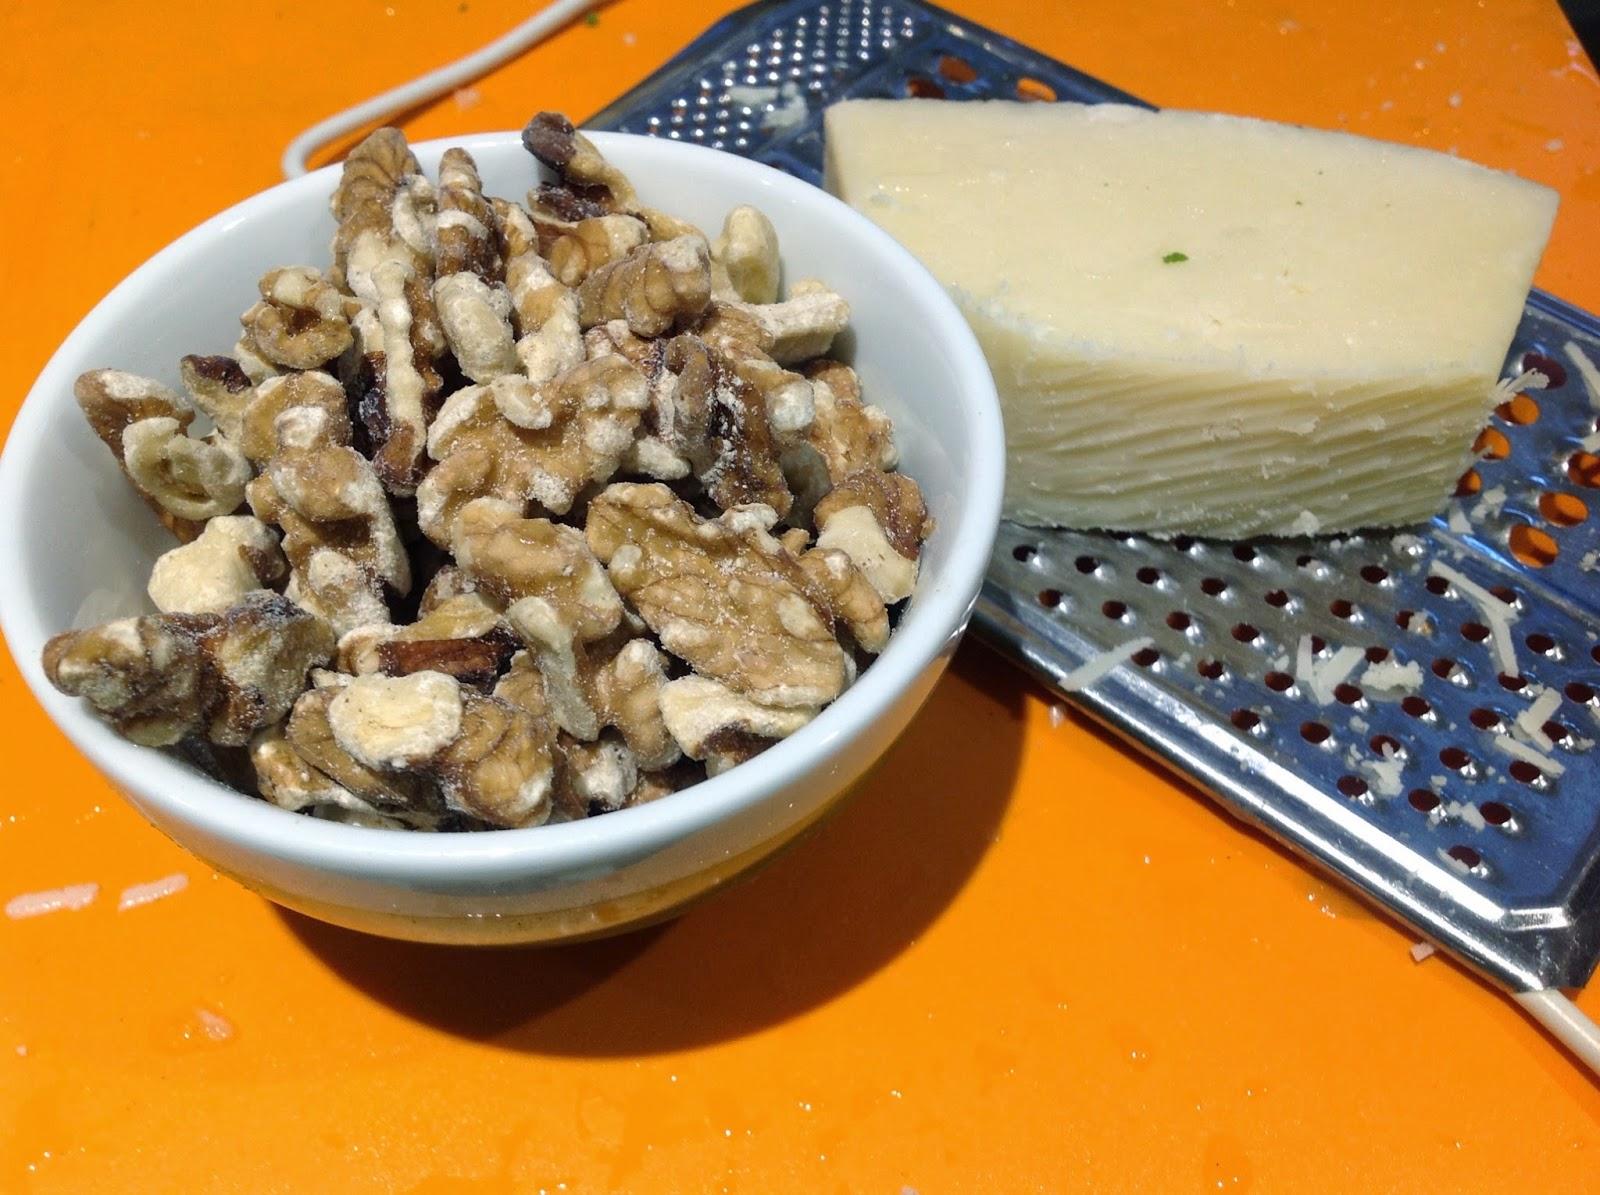 bowl of walnuts and Parmesan cheese